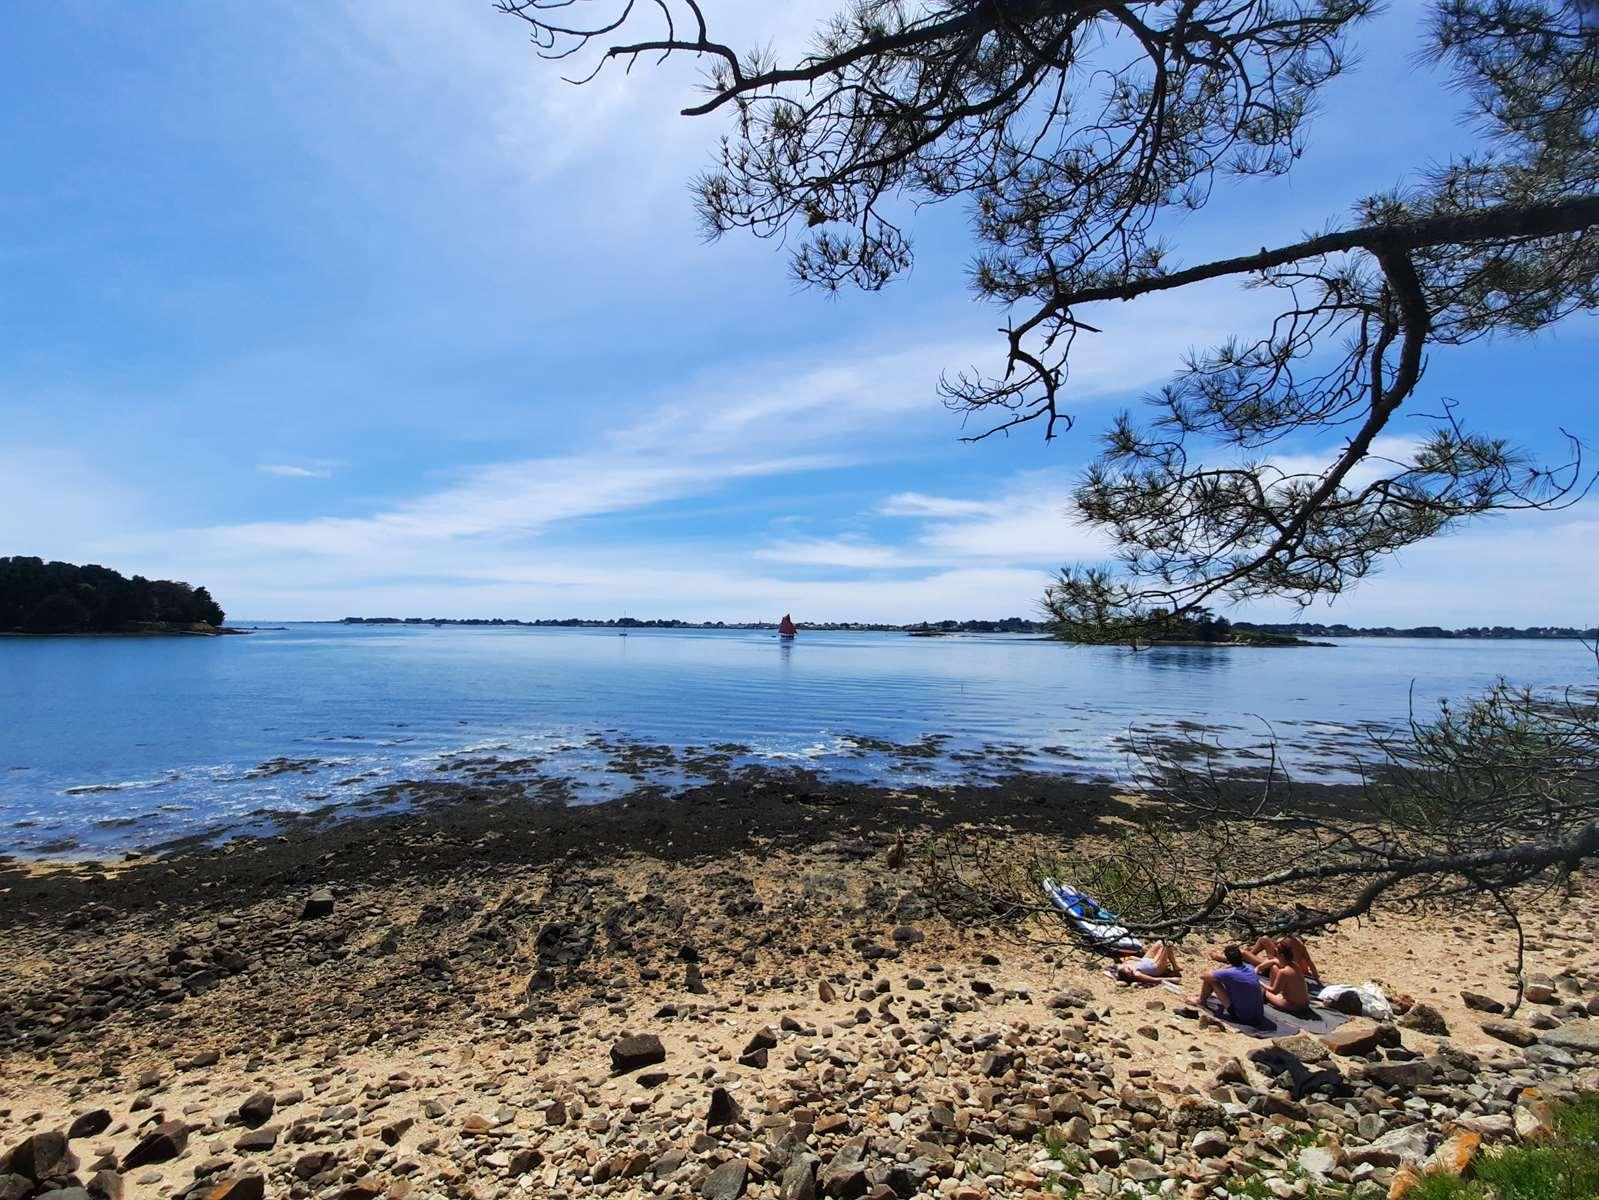 Idée balade Sept-Iles Golfe du Morbihan